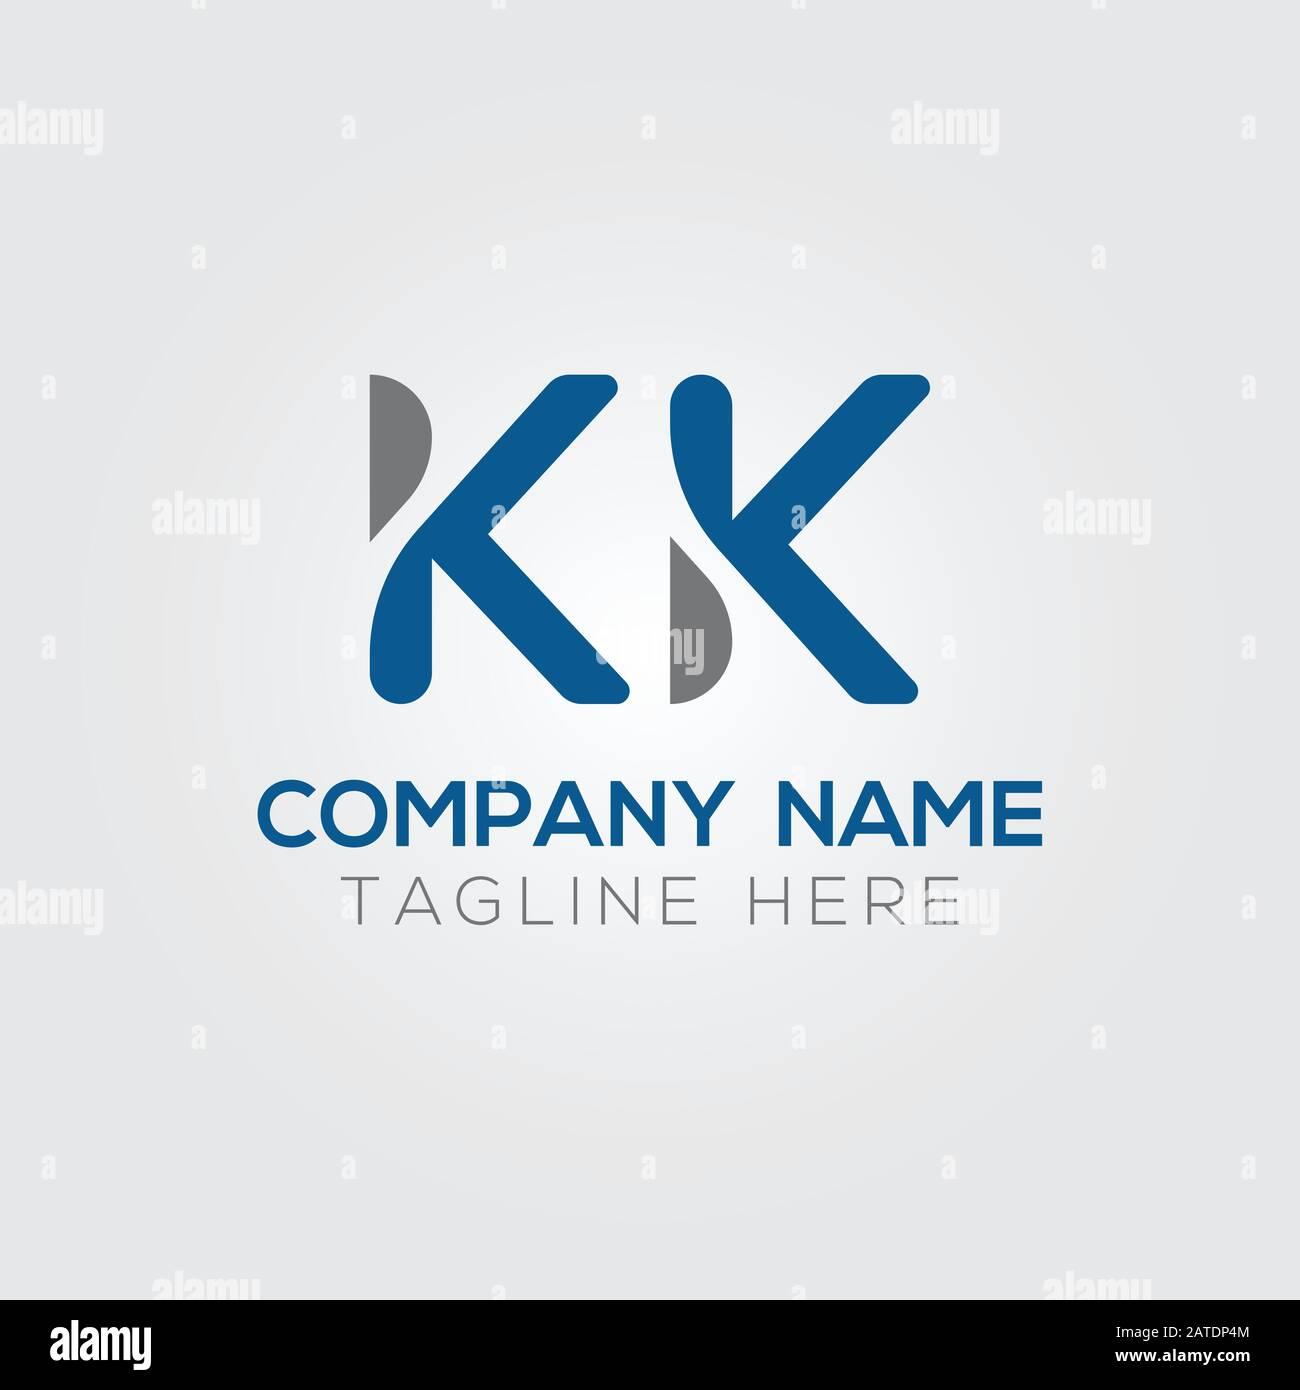 Initial Alphabet Kk Logo Design Vector Template Abstract Letter Kk Linked Logo Stock Vector Image Art Alamy